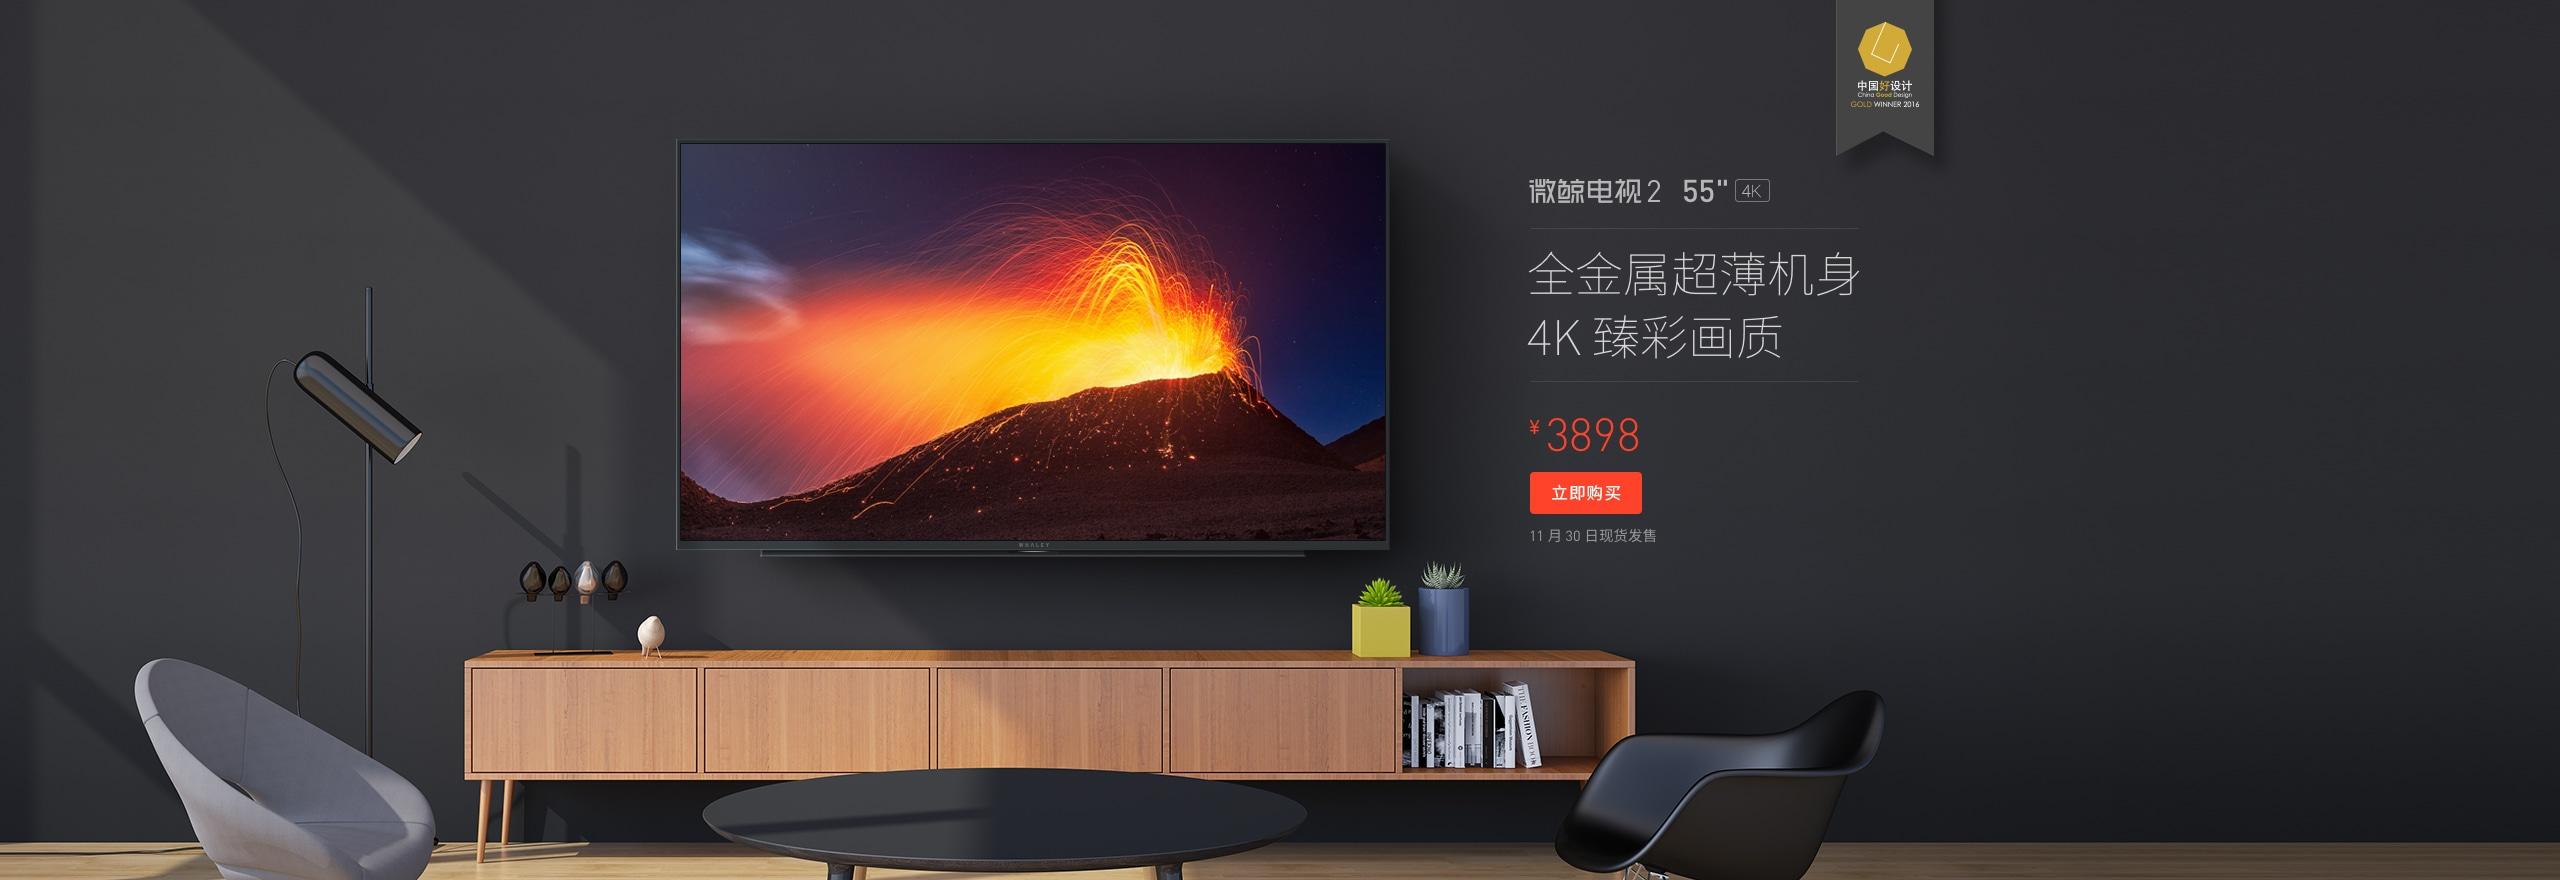 微鲸电视2代55英寸